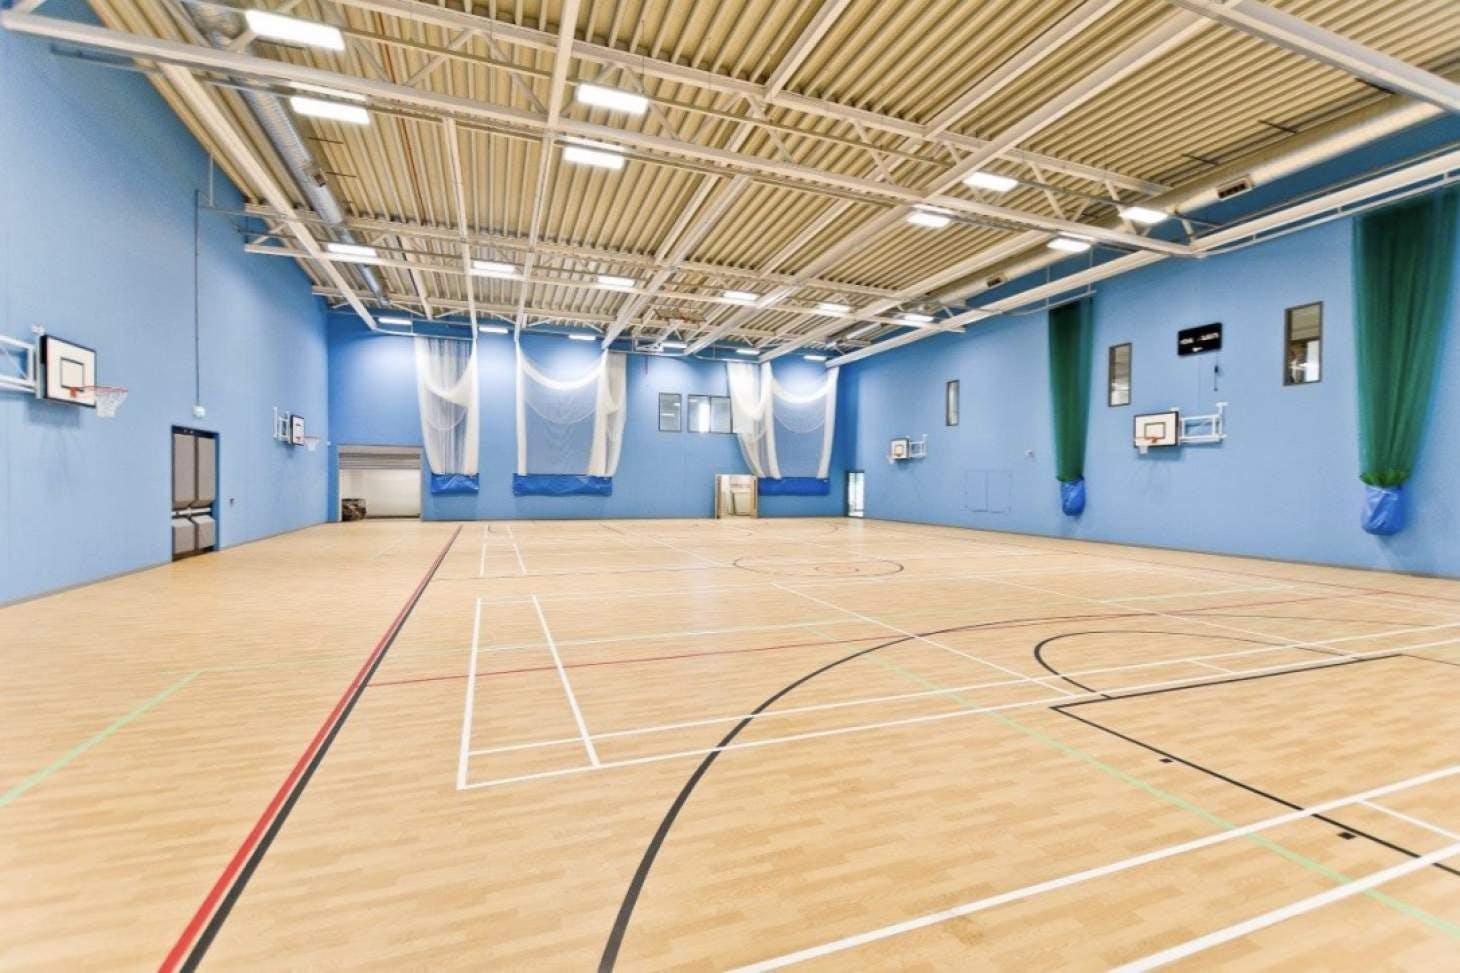 Beaumont School Half court | Indoor basketball court